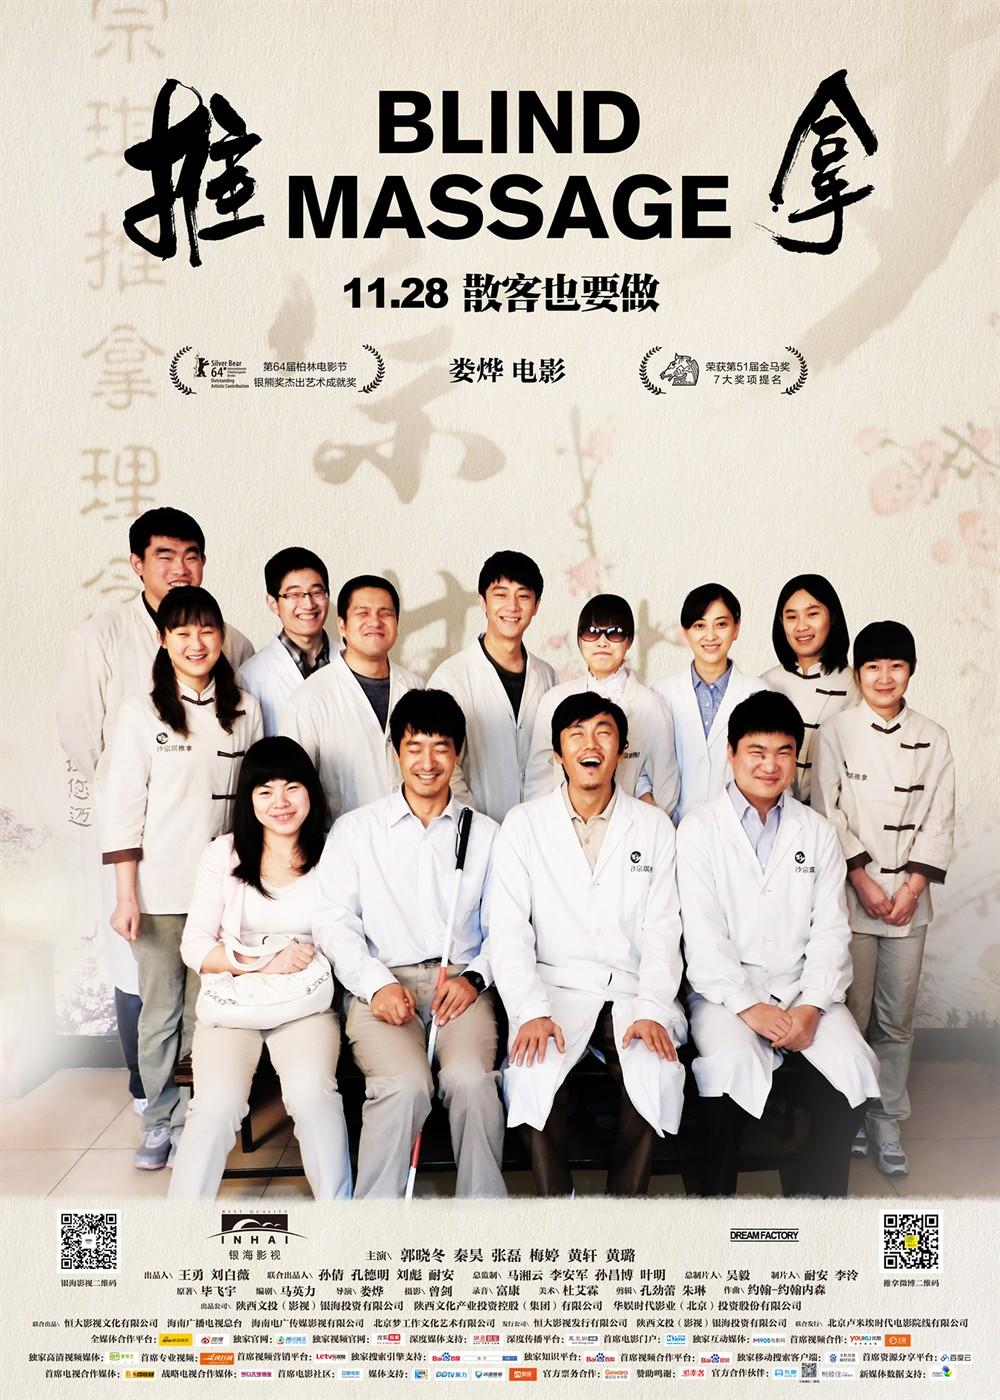 Zhong le fu massage